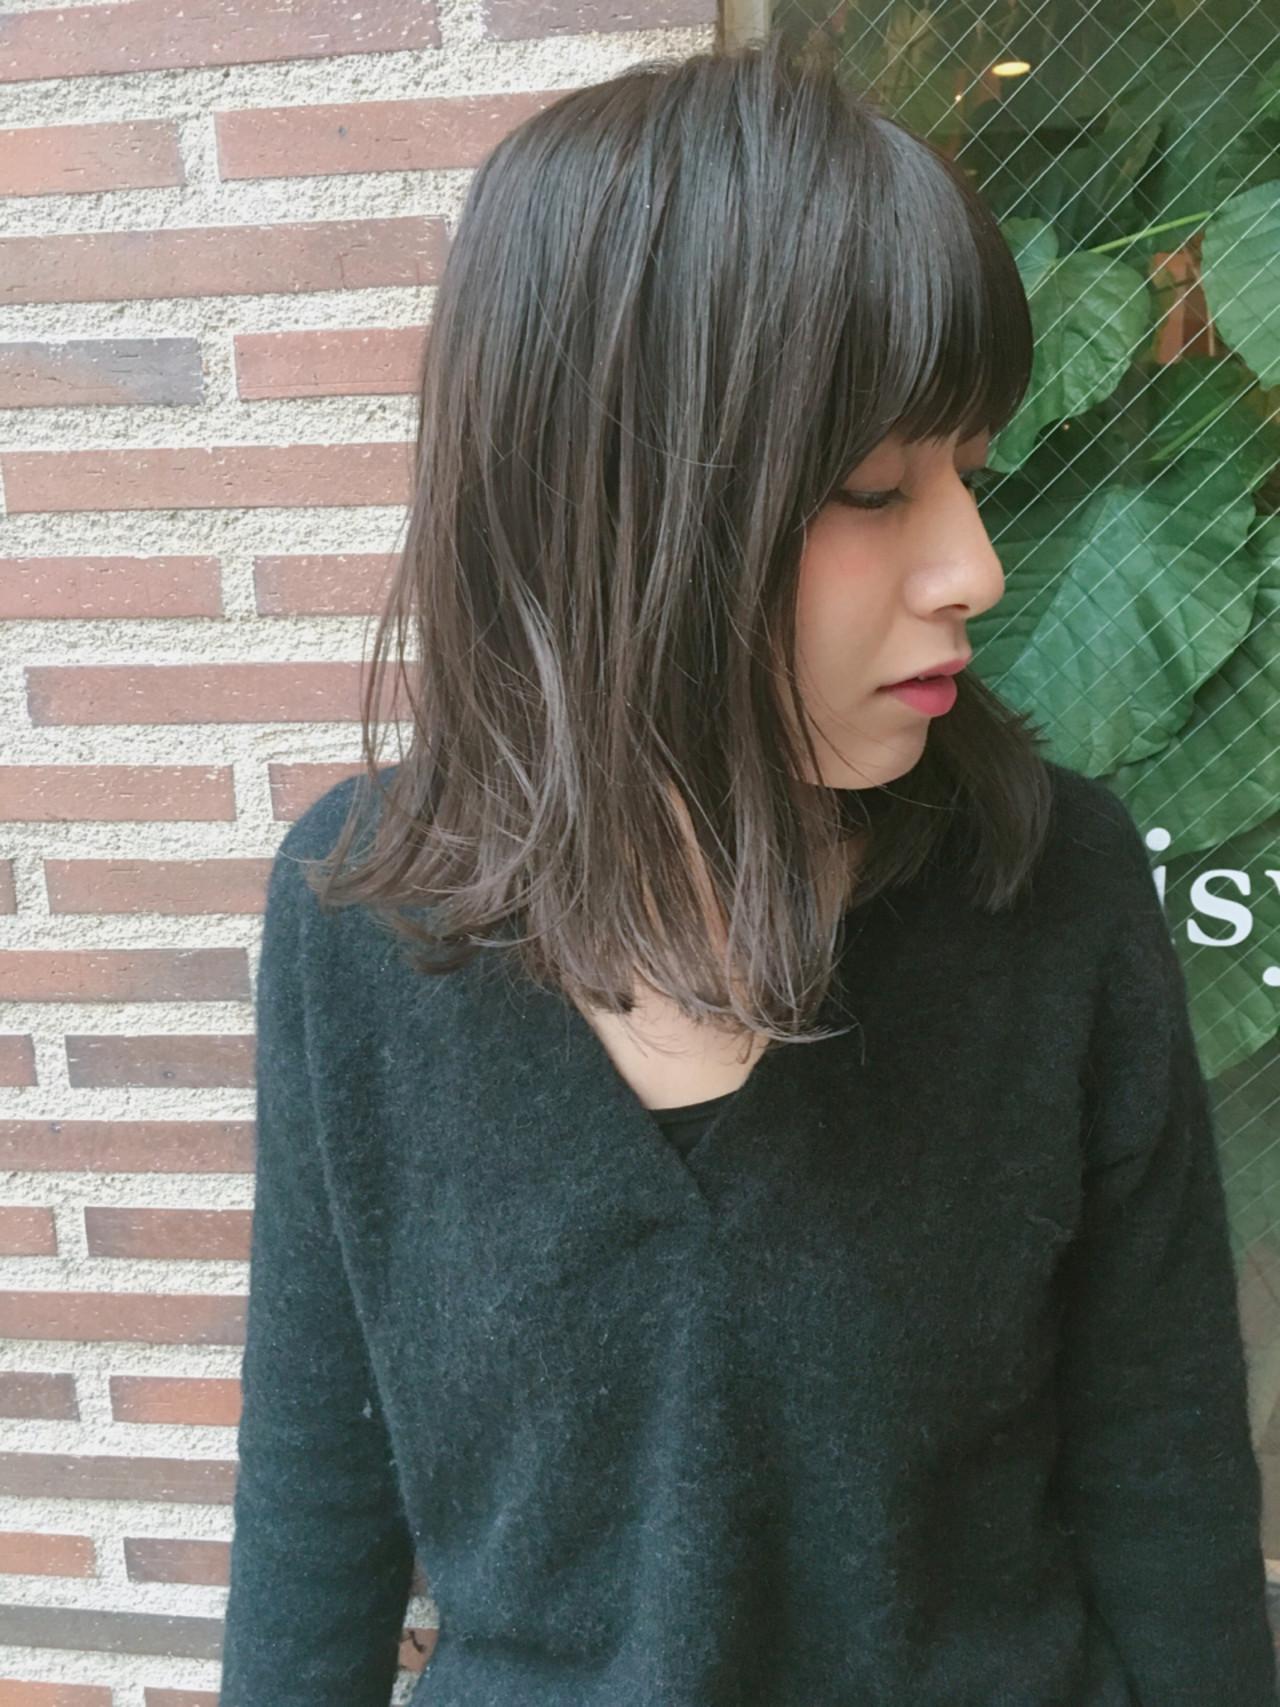 ハイライト アッシュ 大人女子 小顔 ヘアスタイルや髪型の写真・画像